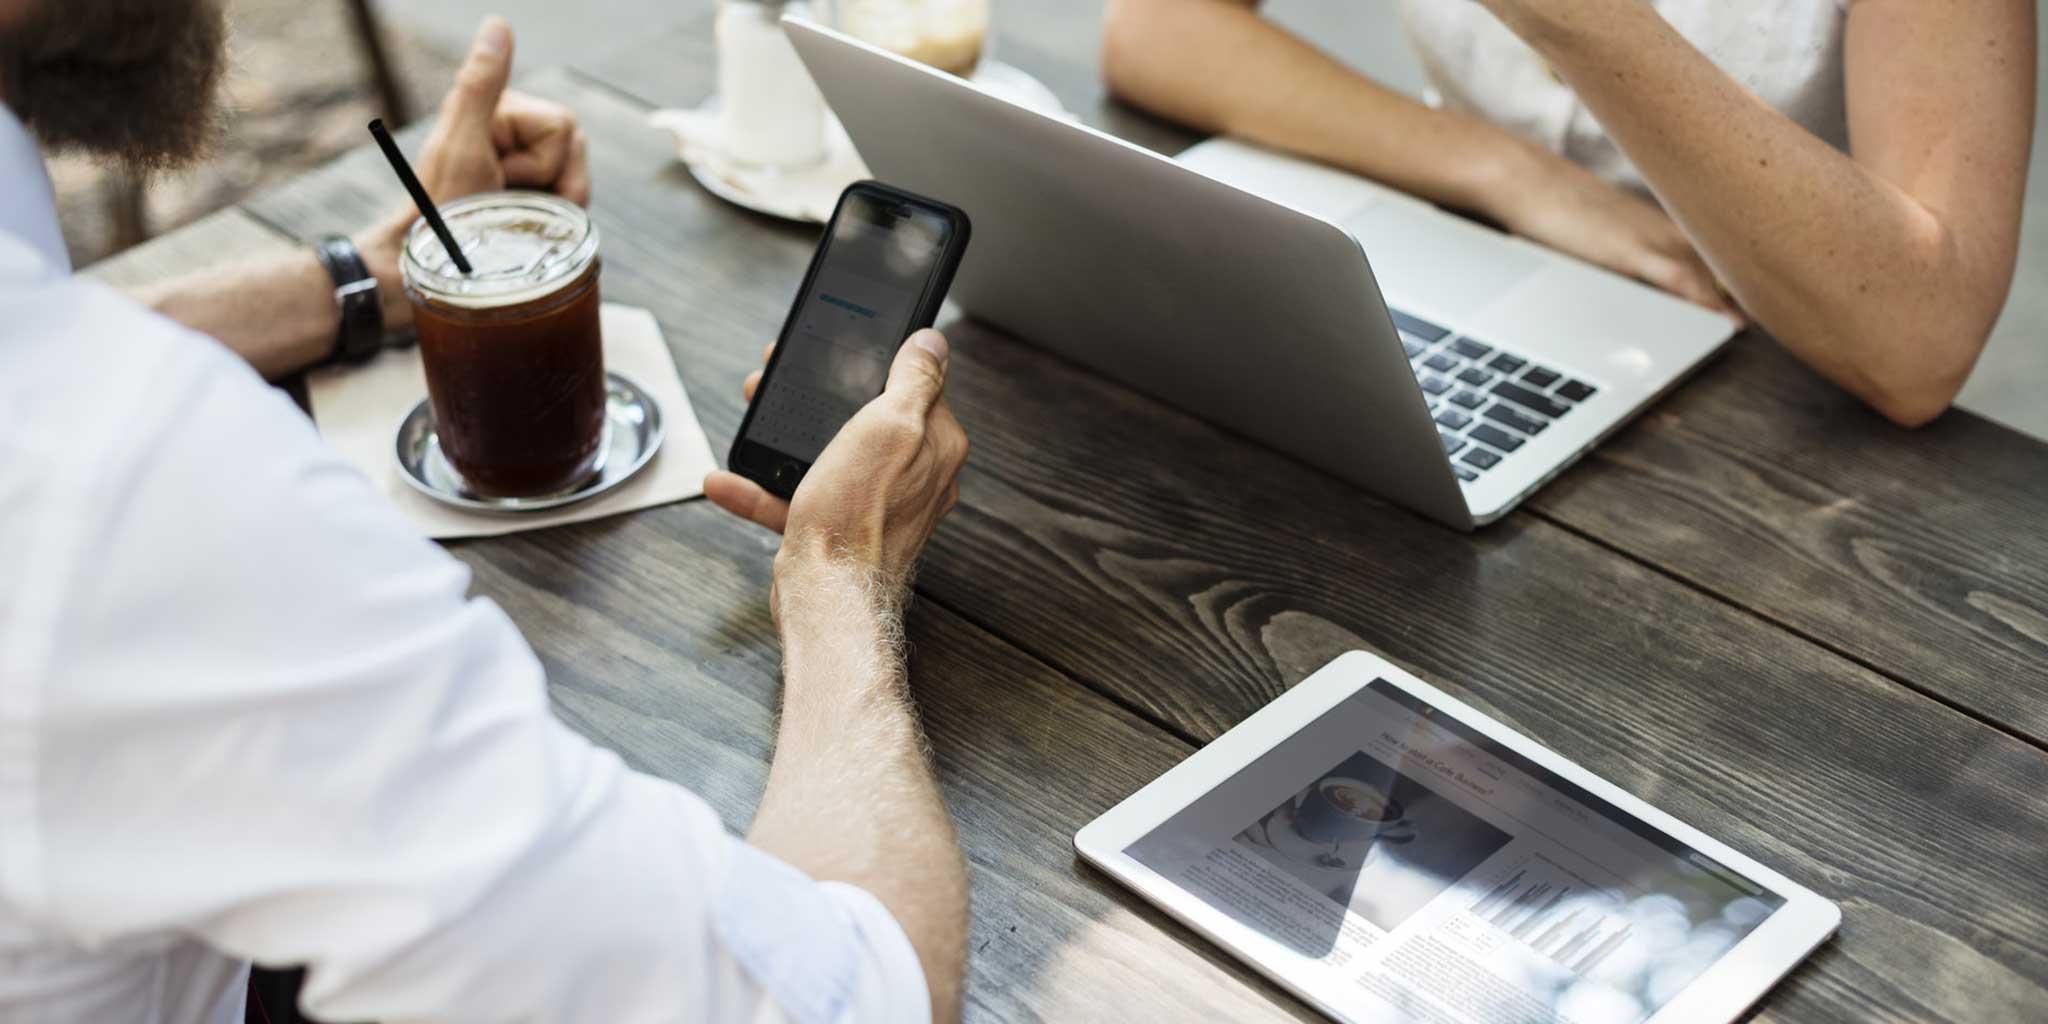 Mensen aan tafel met een tablet, smartphone, laptop en drank